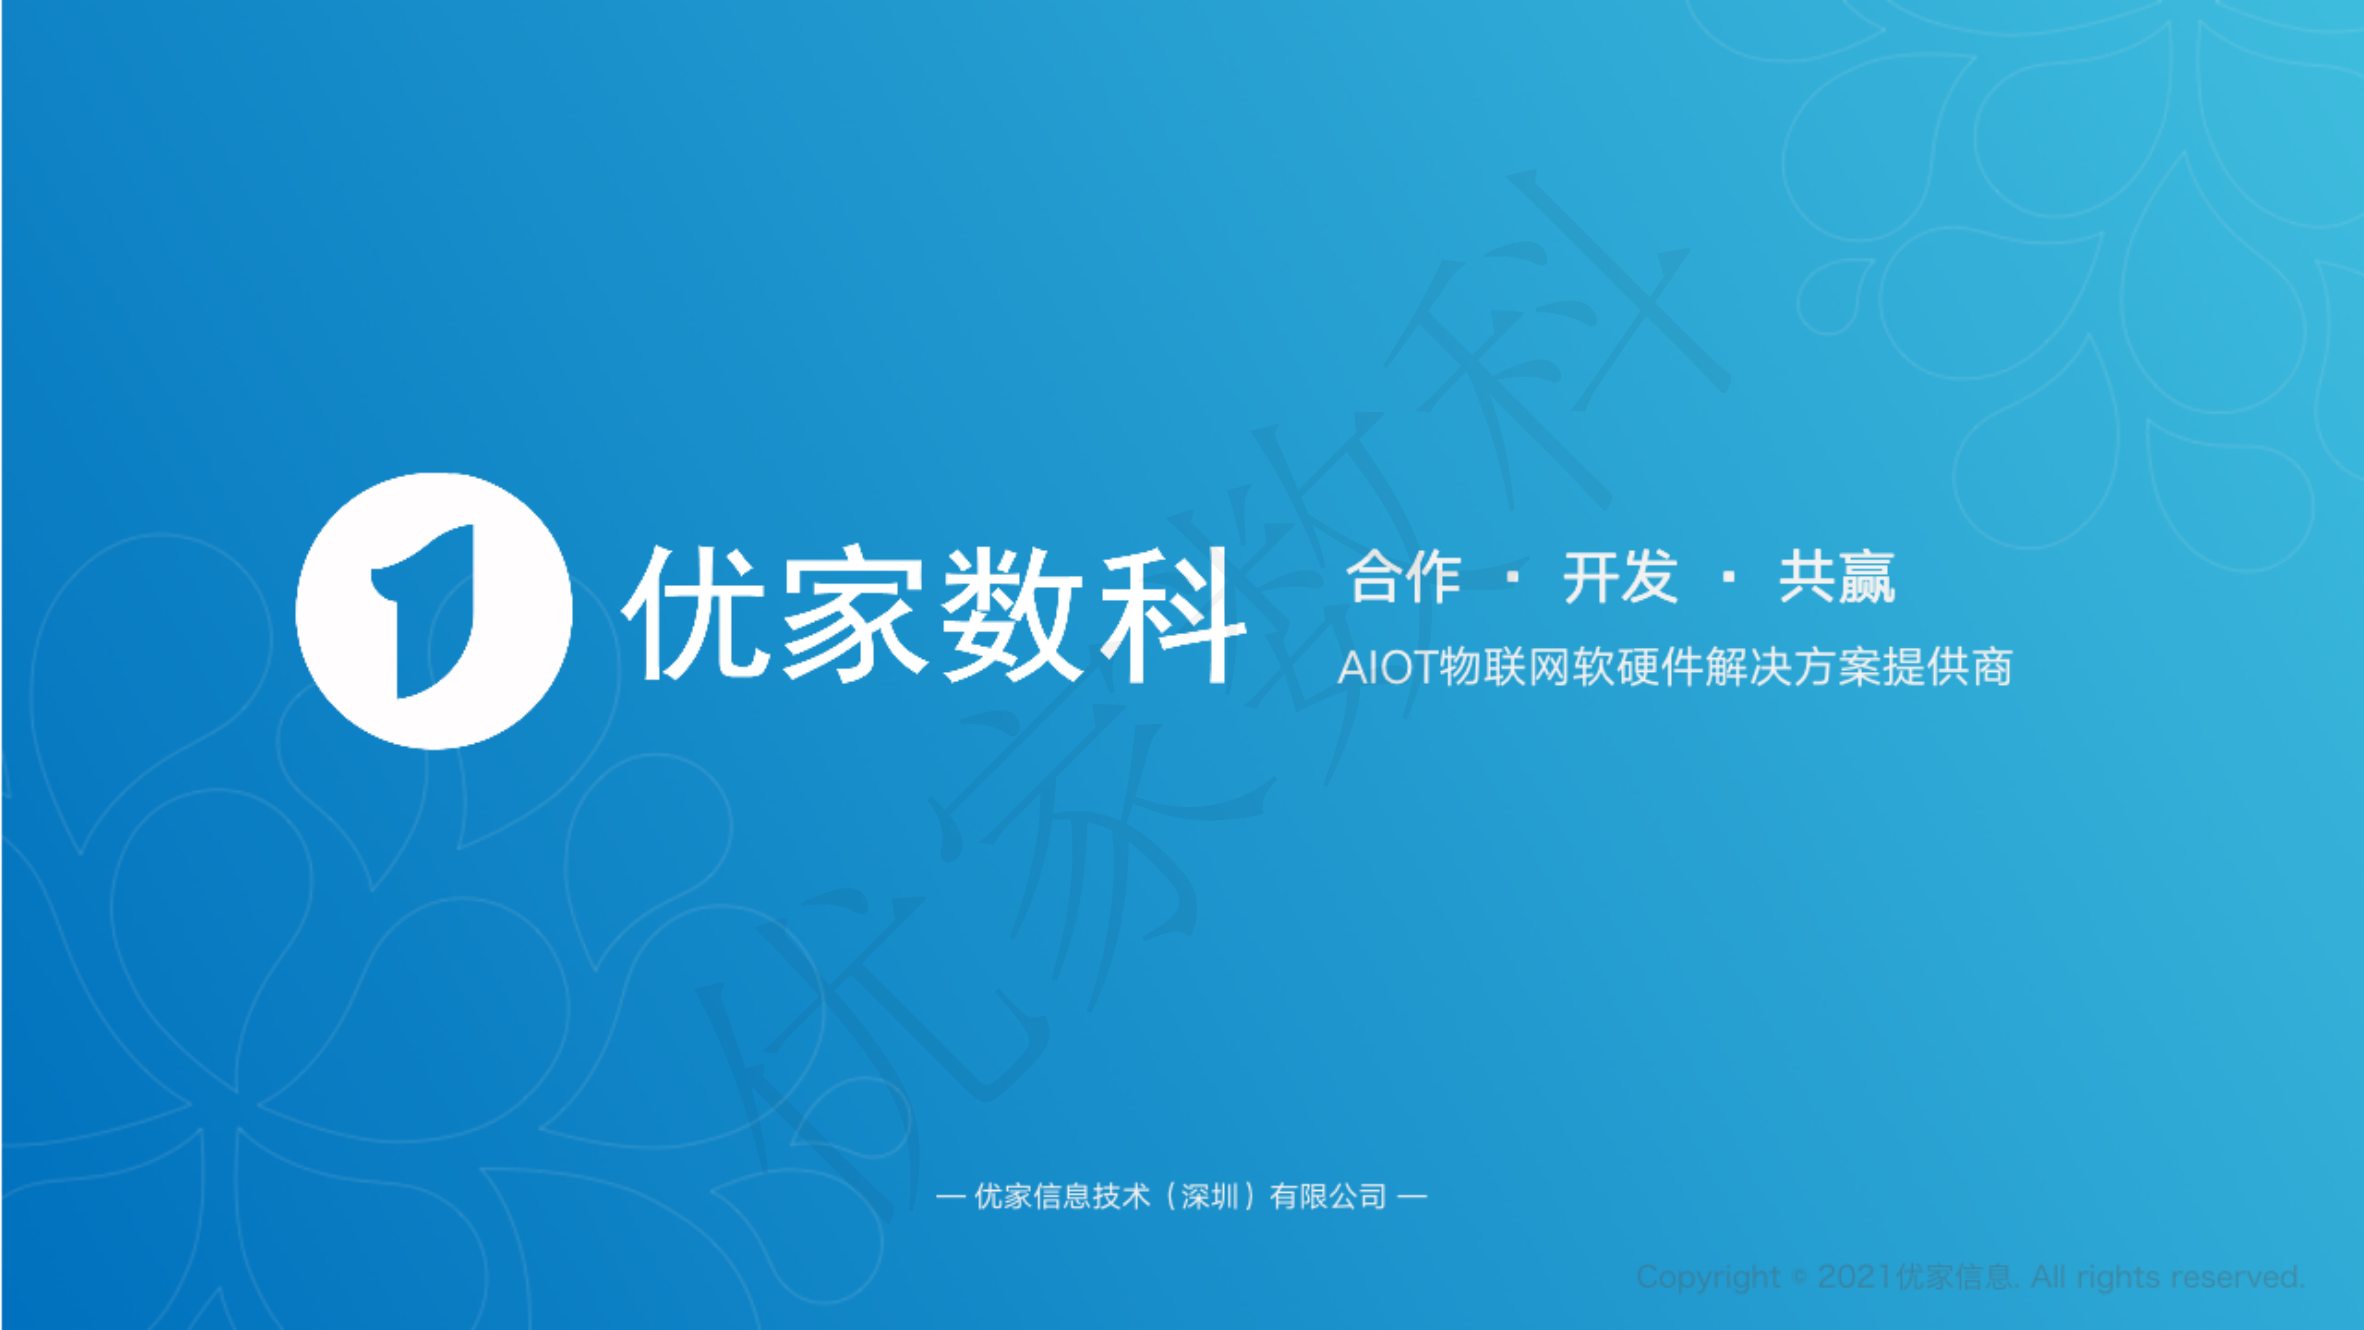 15优家数科自助开发及运营平台简介(水印)_00.png